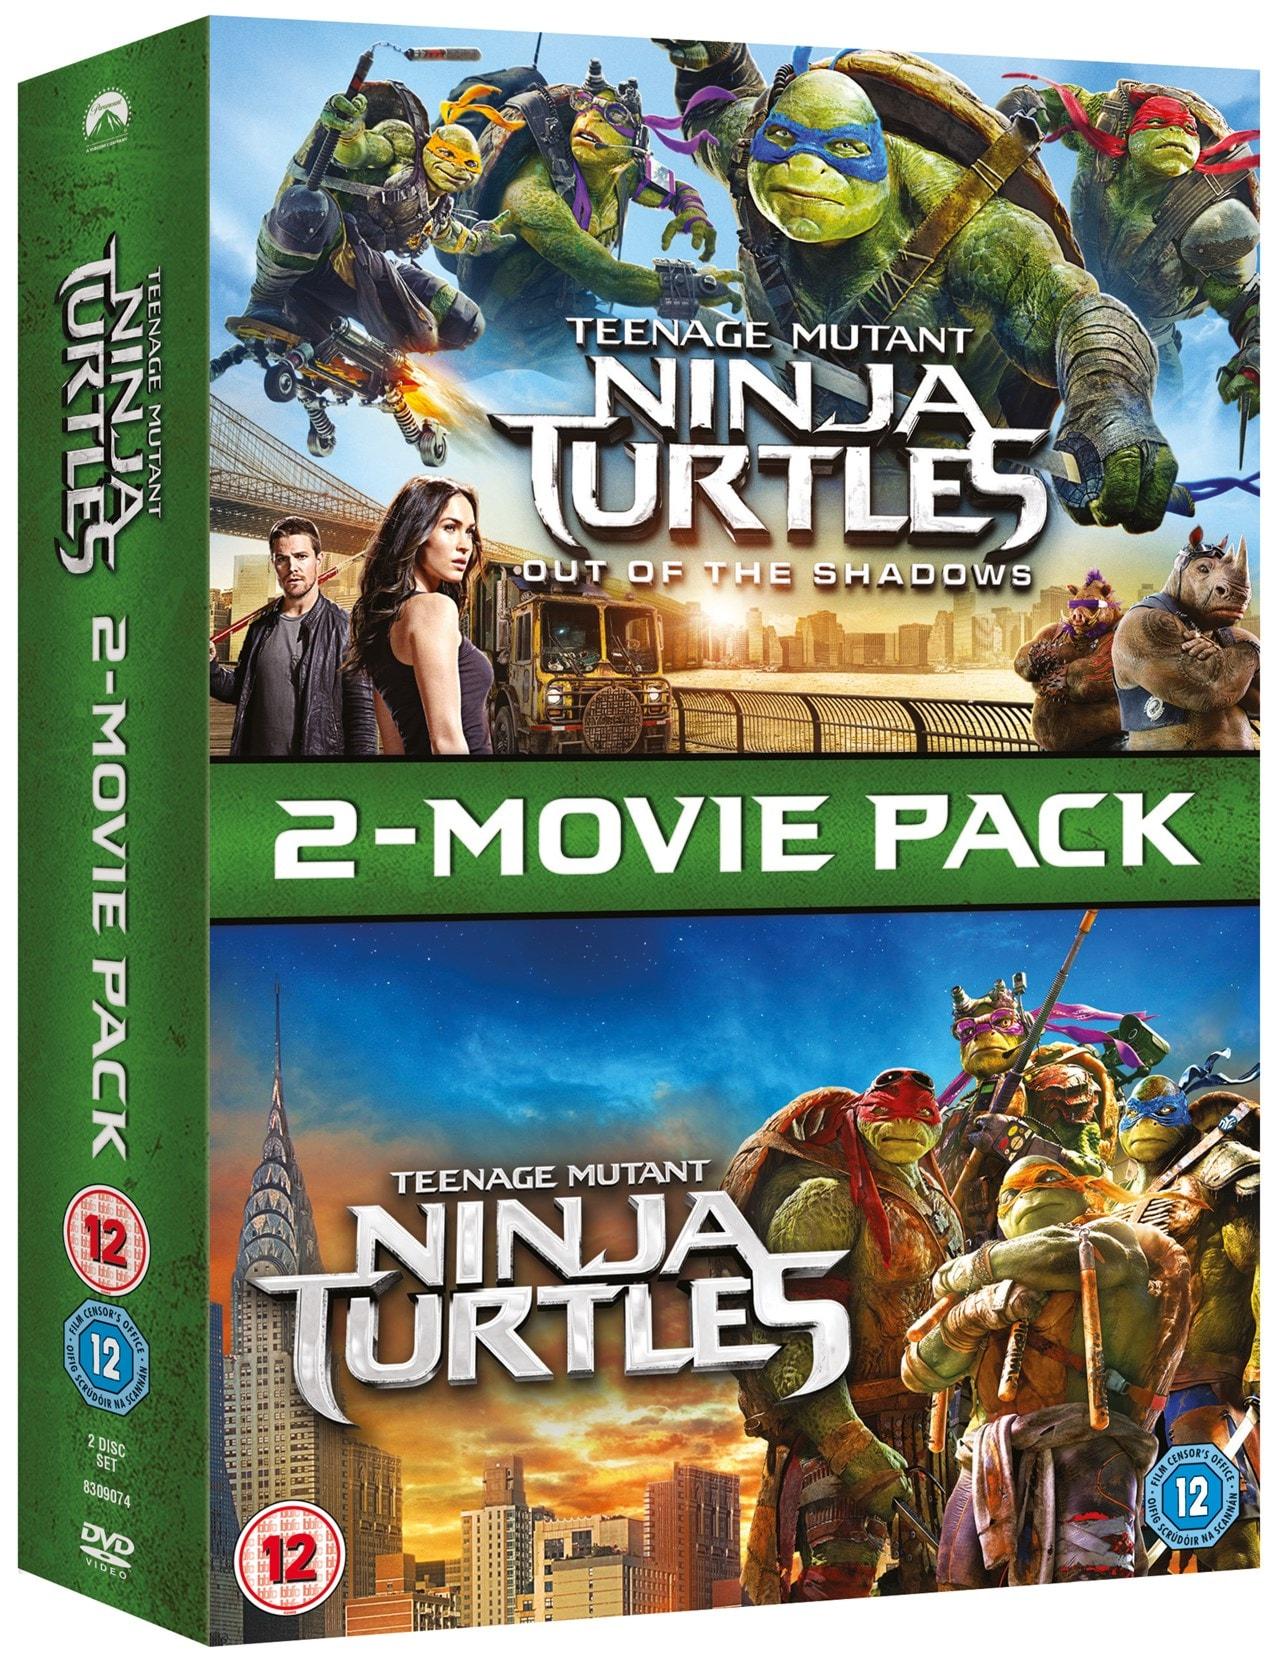 Teenage Mutant Ninja Turtles: 2-Movie Pack - 2